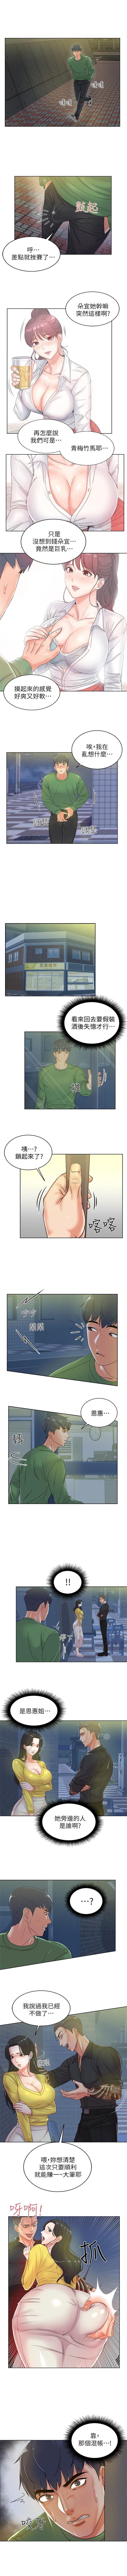 (週3)超市的漂亮姐姐 1-22 中文翻譯(更新中) 20